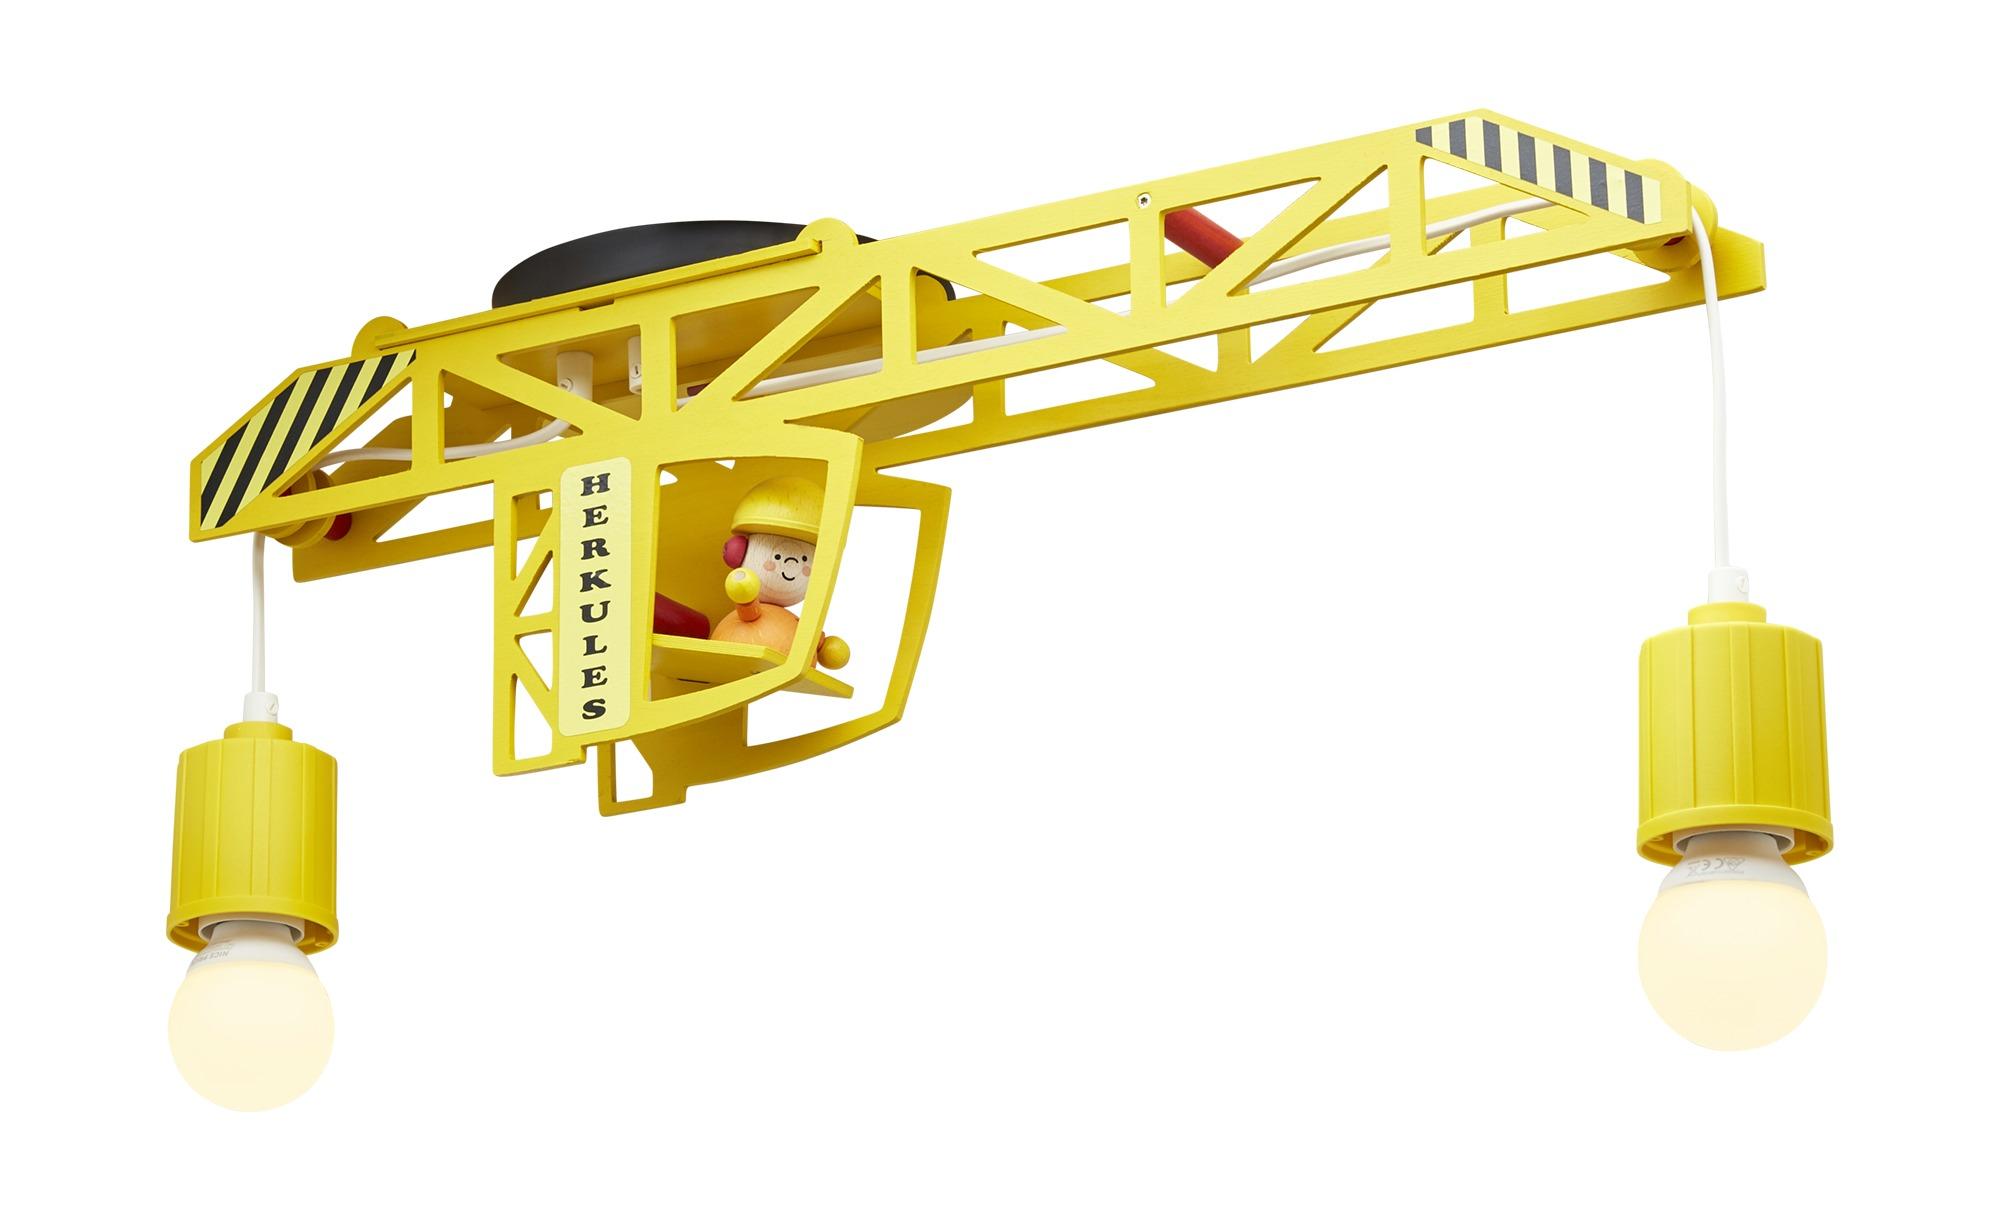 Deckenleuchte Turmdrehkran, gelb ¦ gelb ¦ Maße (cm): B: 60 H: 50 T: 22 Lampen & Leuchten > Innenleuchten > Kinderlampen - Höffner